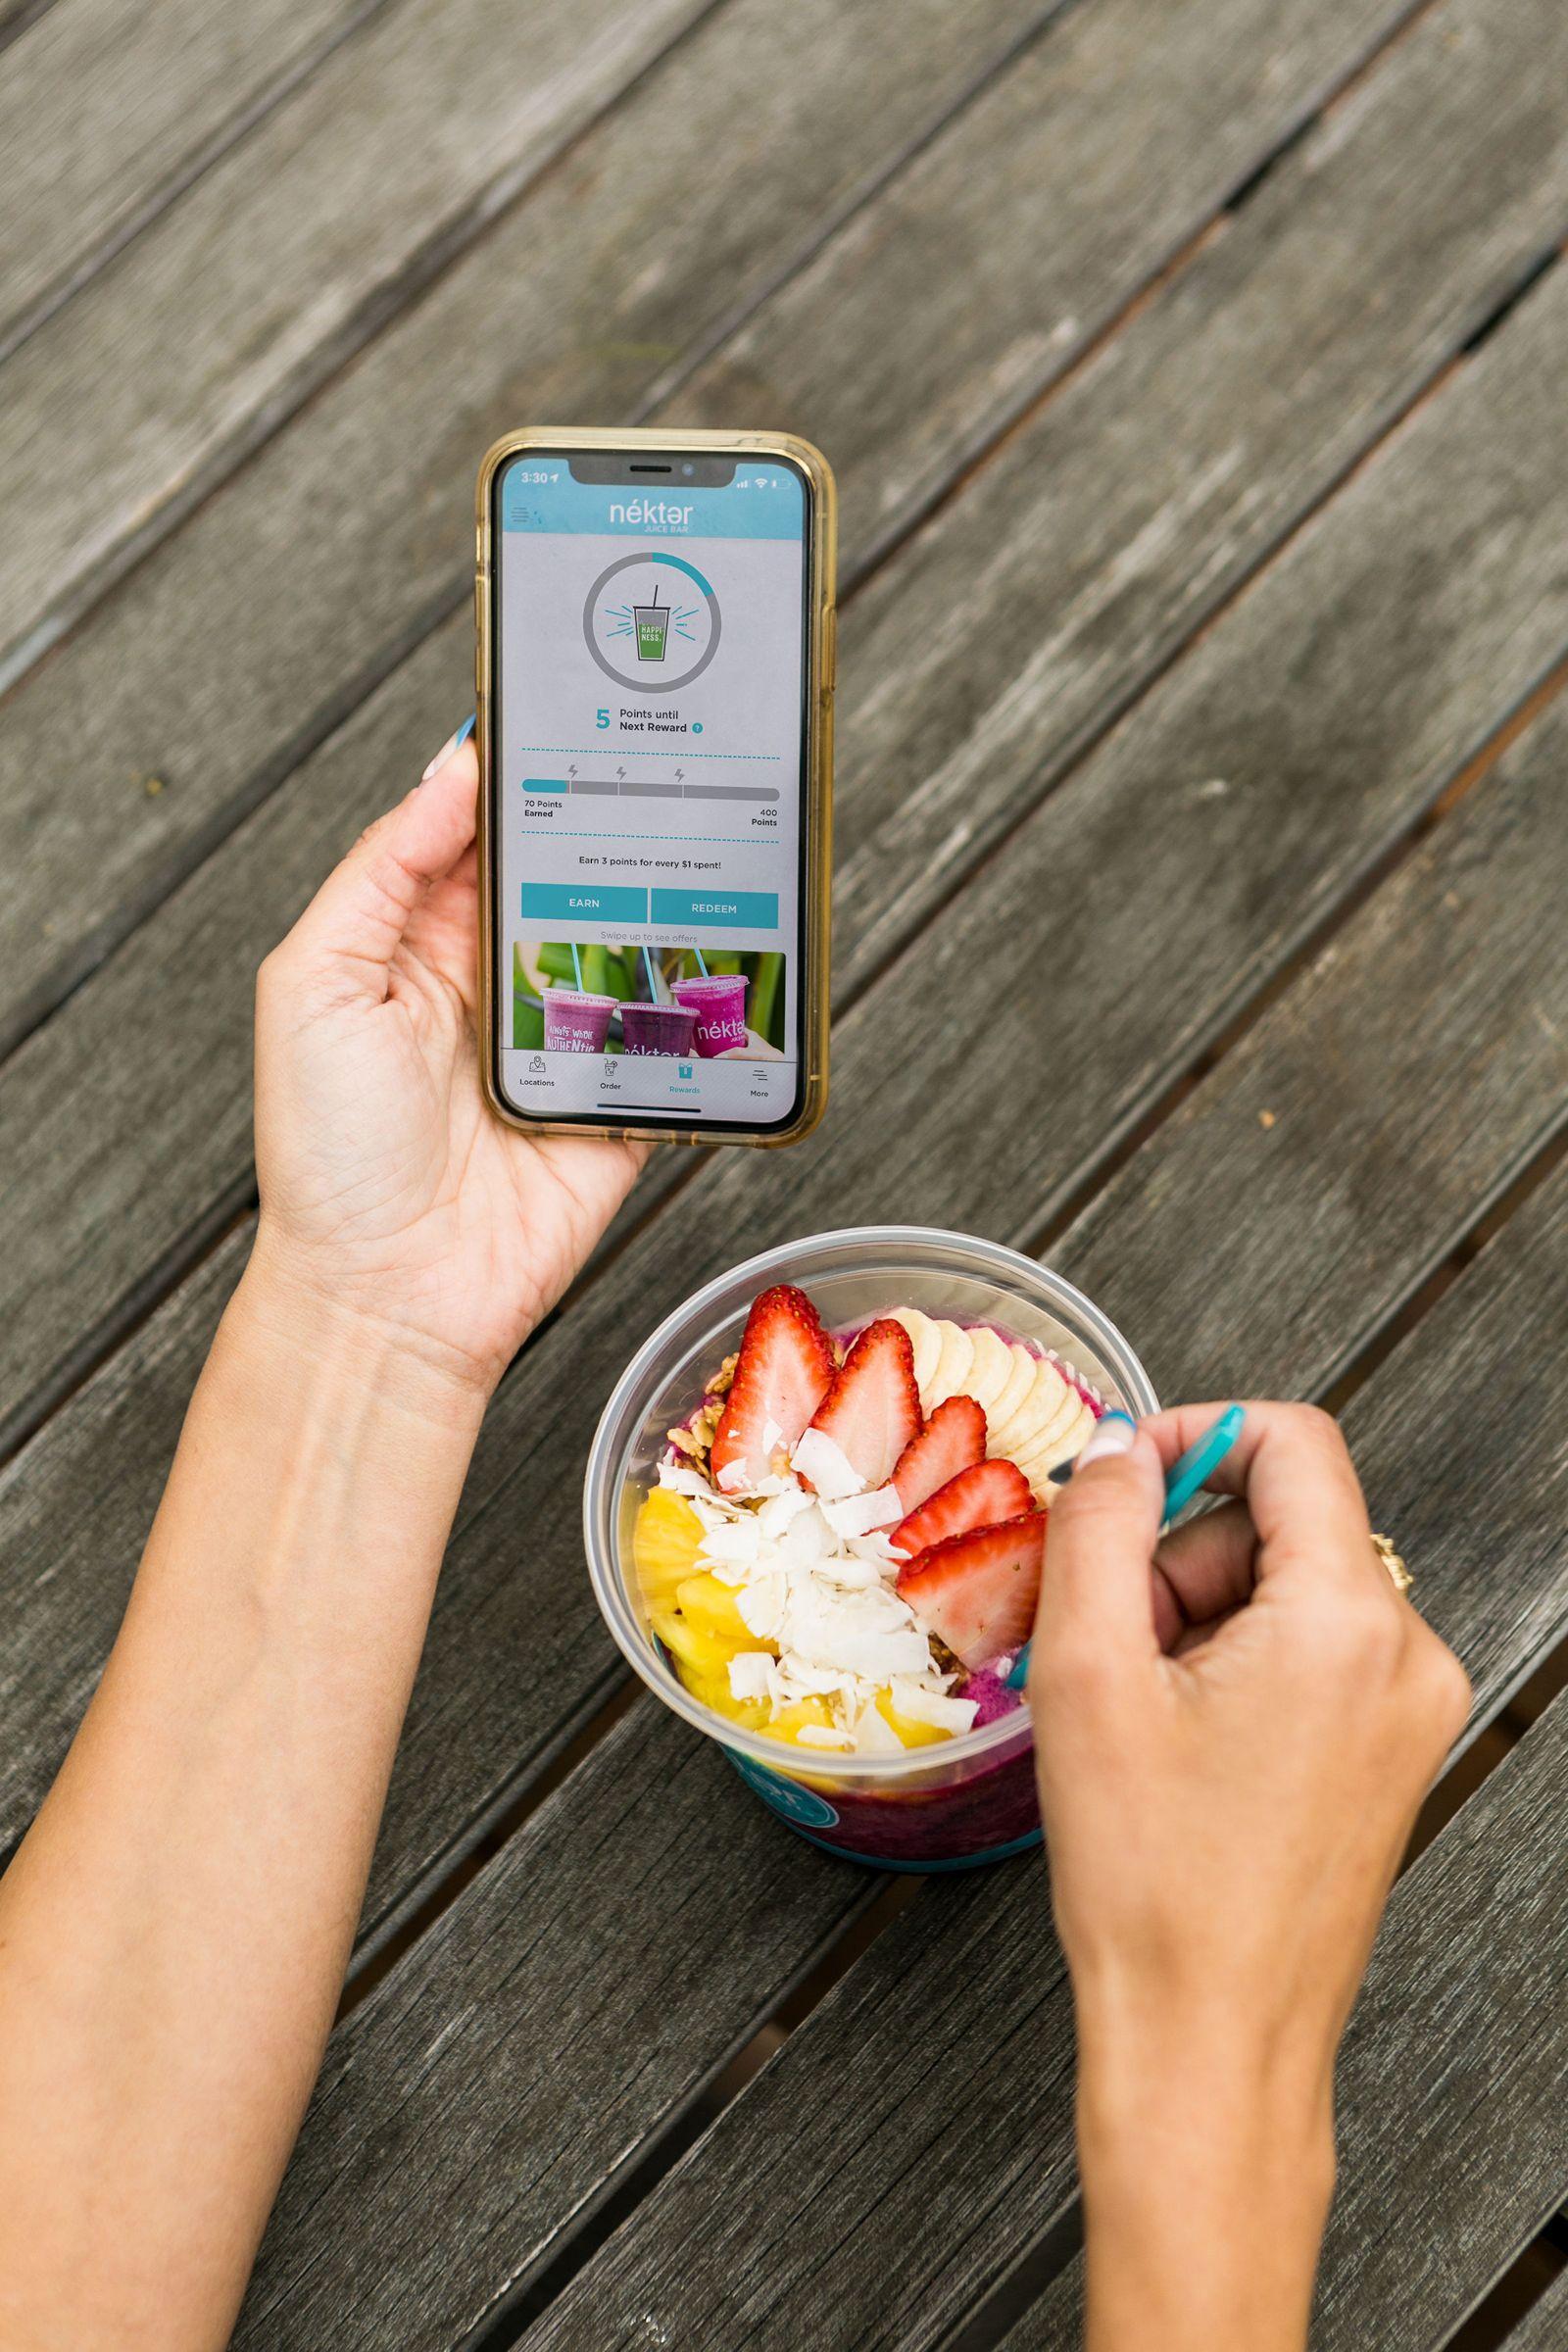 Nékter Juice Bar's New Enhanced Loyalty Program Delivers Faster and Easier Rewards